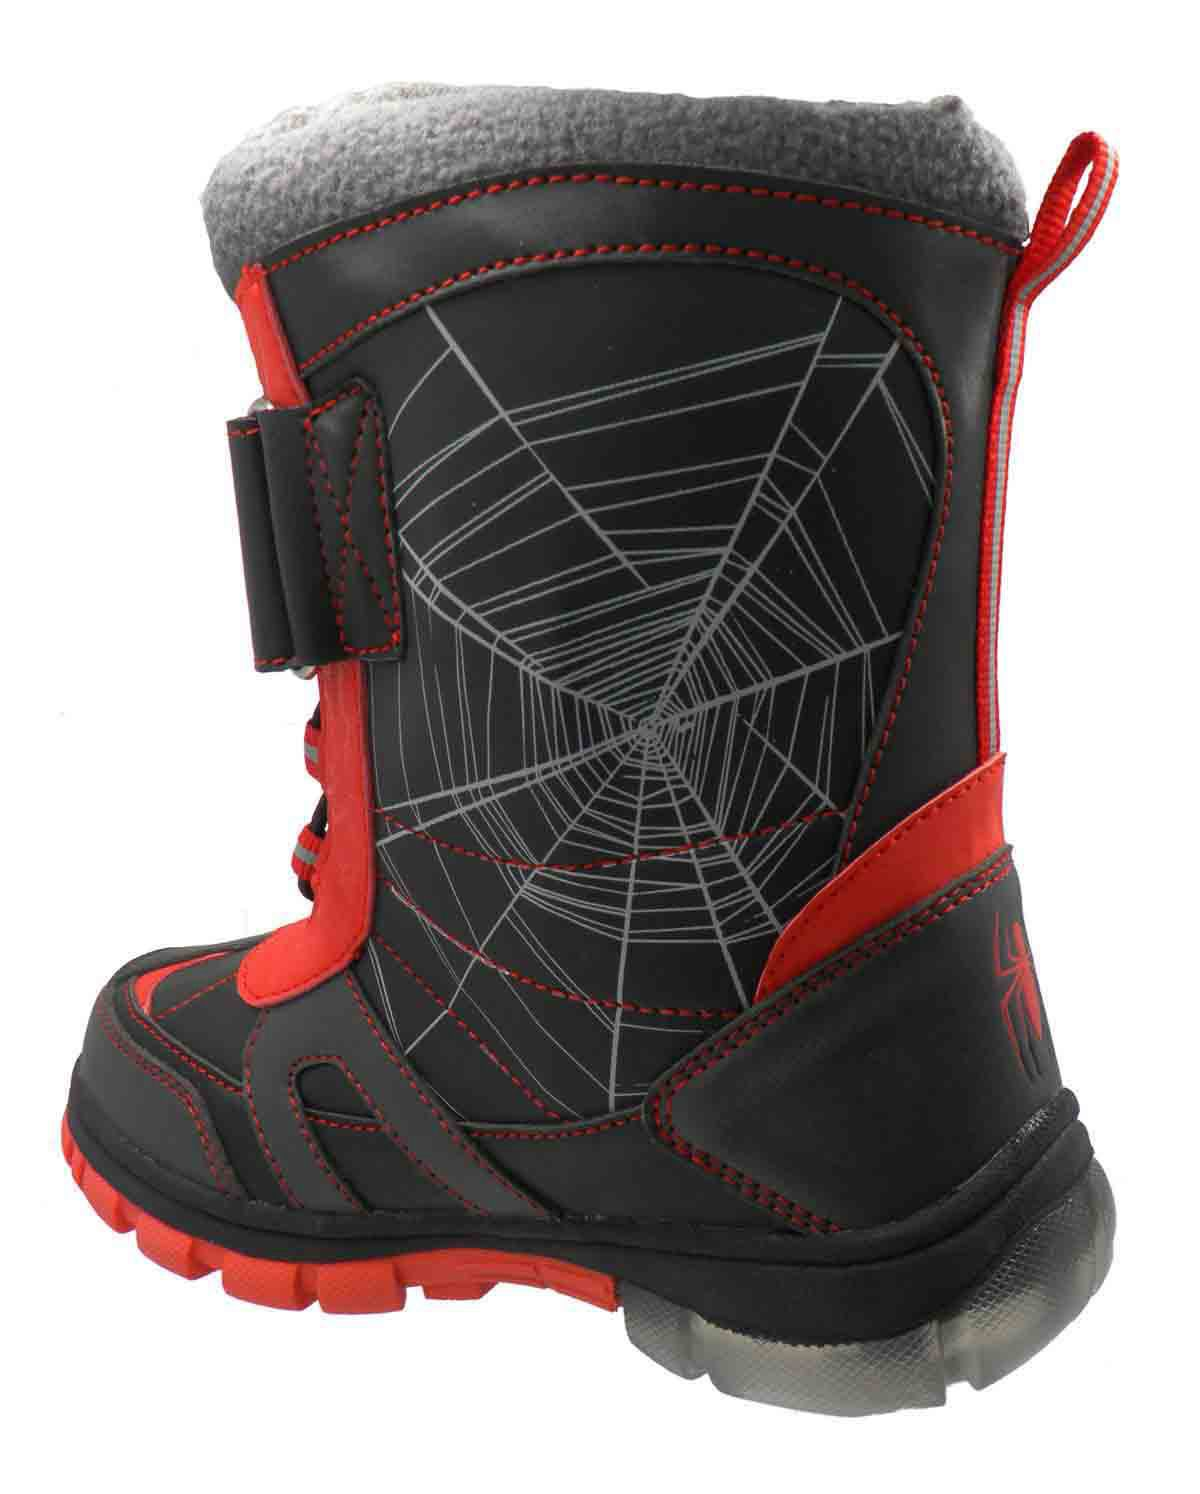 Spider Man Spider-Man Winter Boots